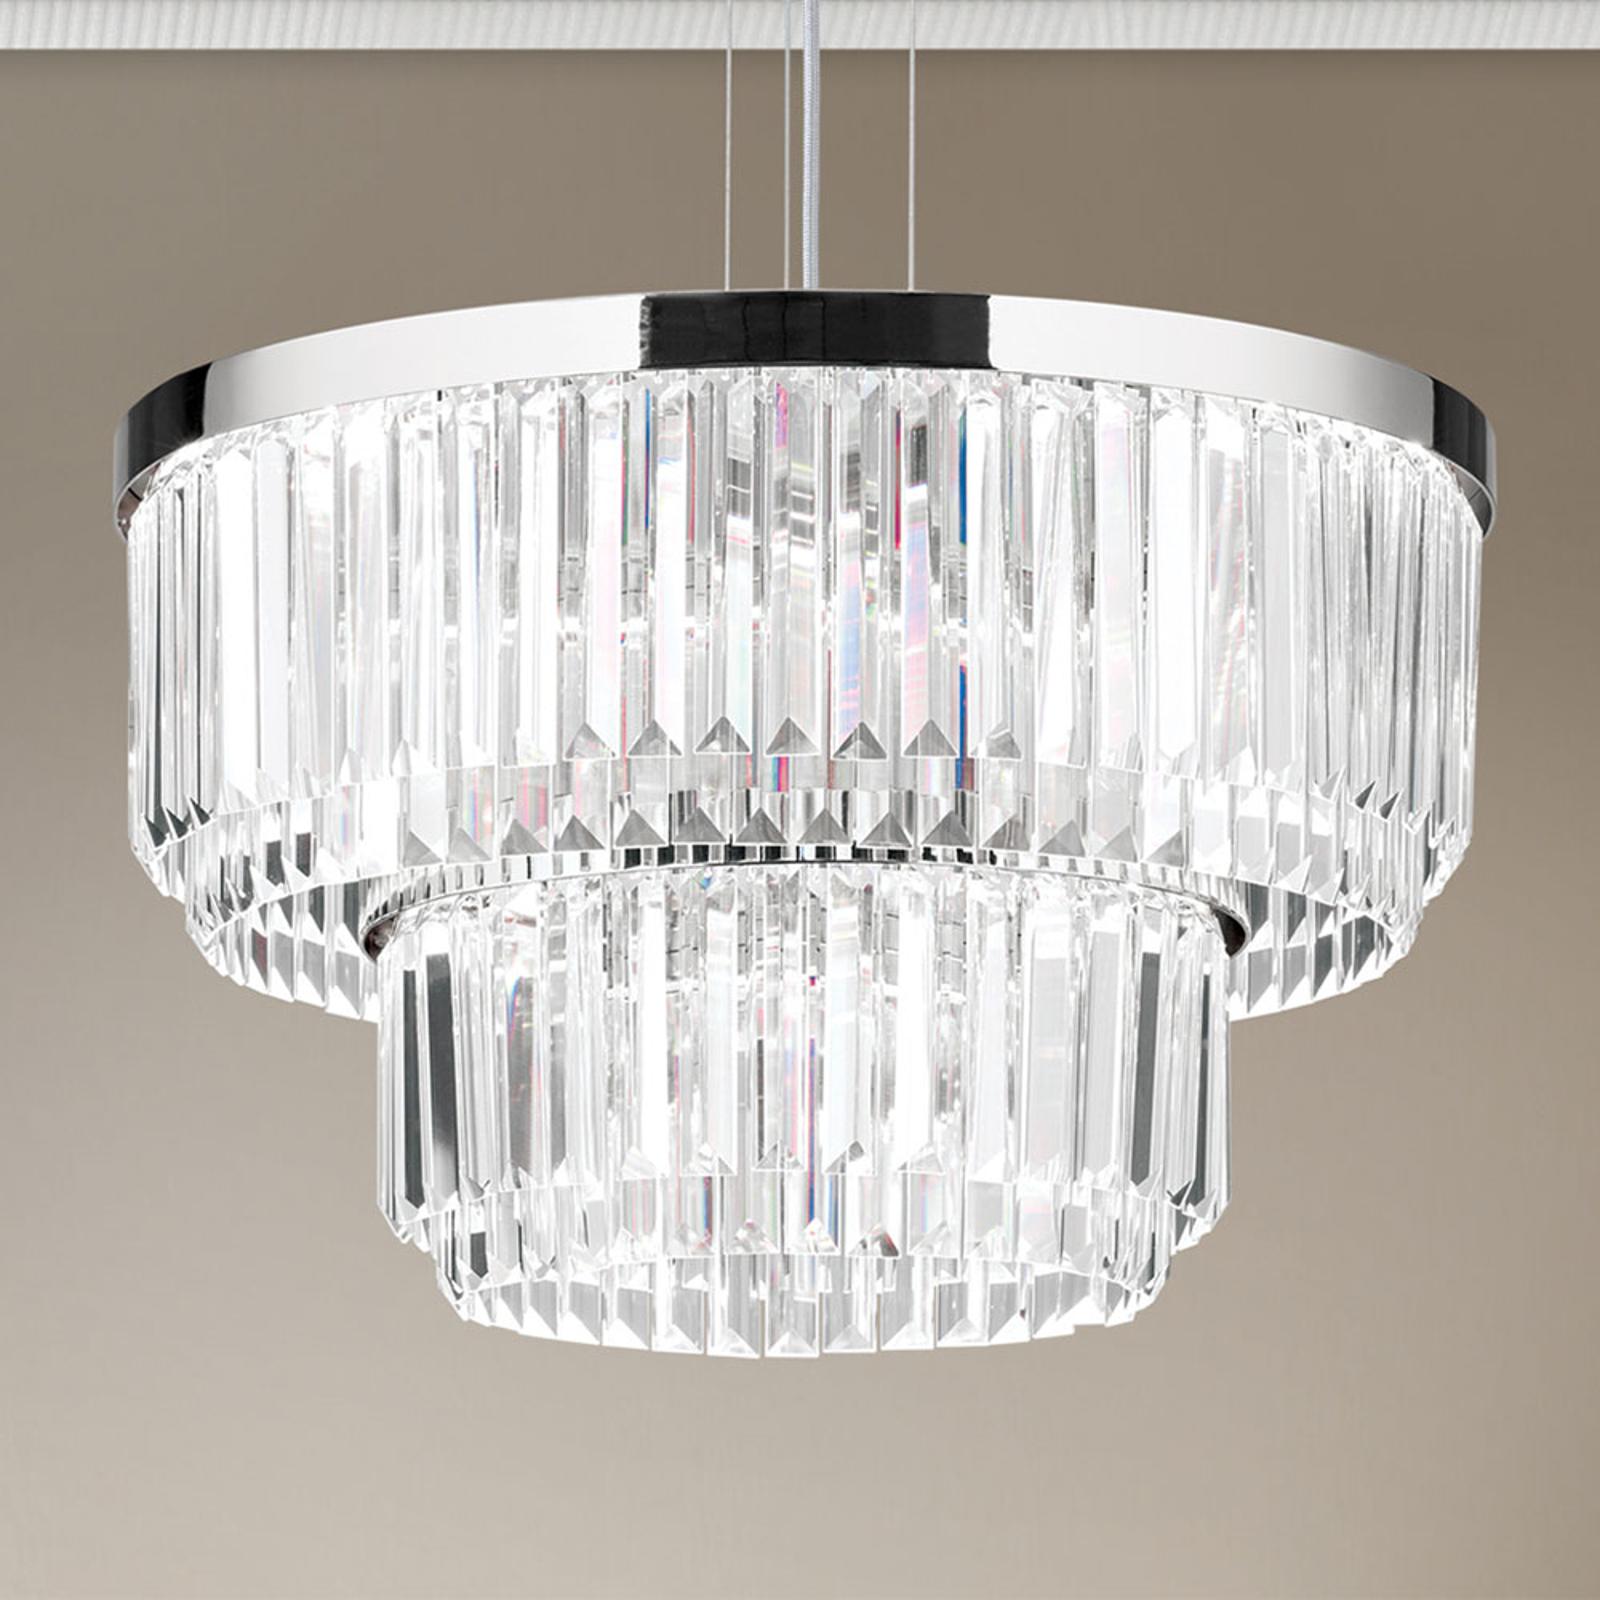 LED-riippuvalaisin Prism, pyöreä, kromi